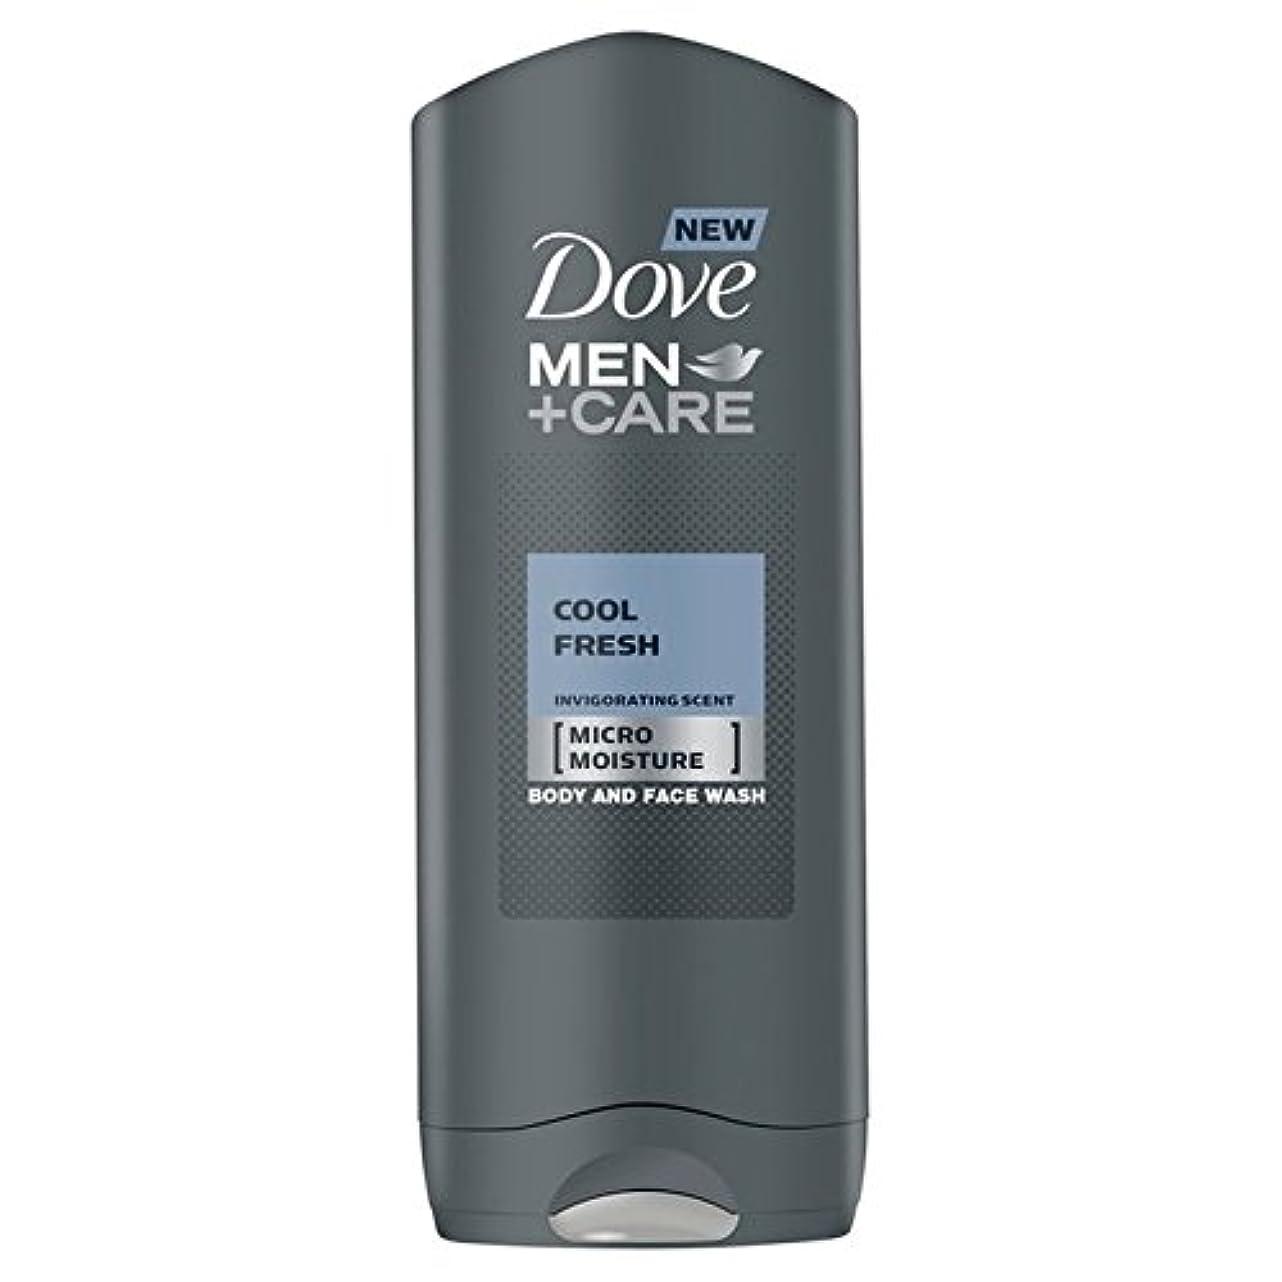 粘性のあごびっくりするクールフレッシュシャワージェル400ミリリットルケア+鳩の男性 x4 - Dove Men+Care Cool Fresh Shower Gel 400ml (Pack of 4) [並行輸入品]